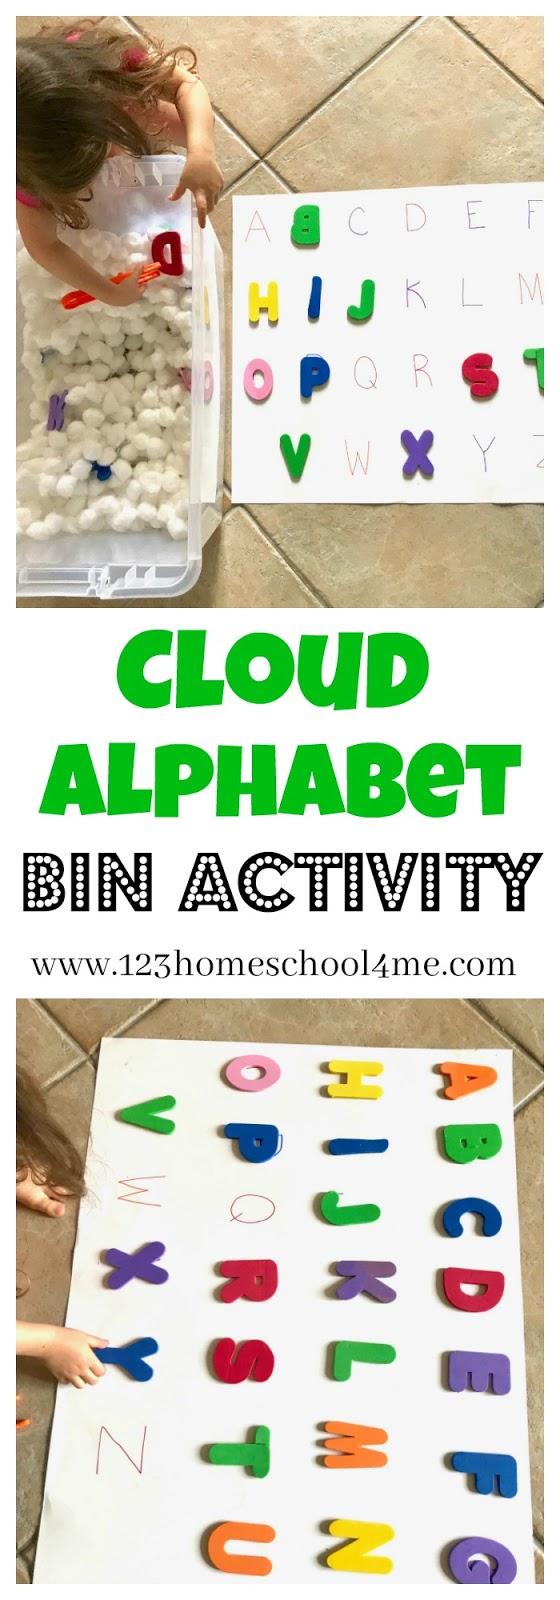 Cloud Alphabet Letters Bin Activity